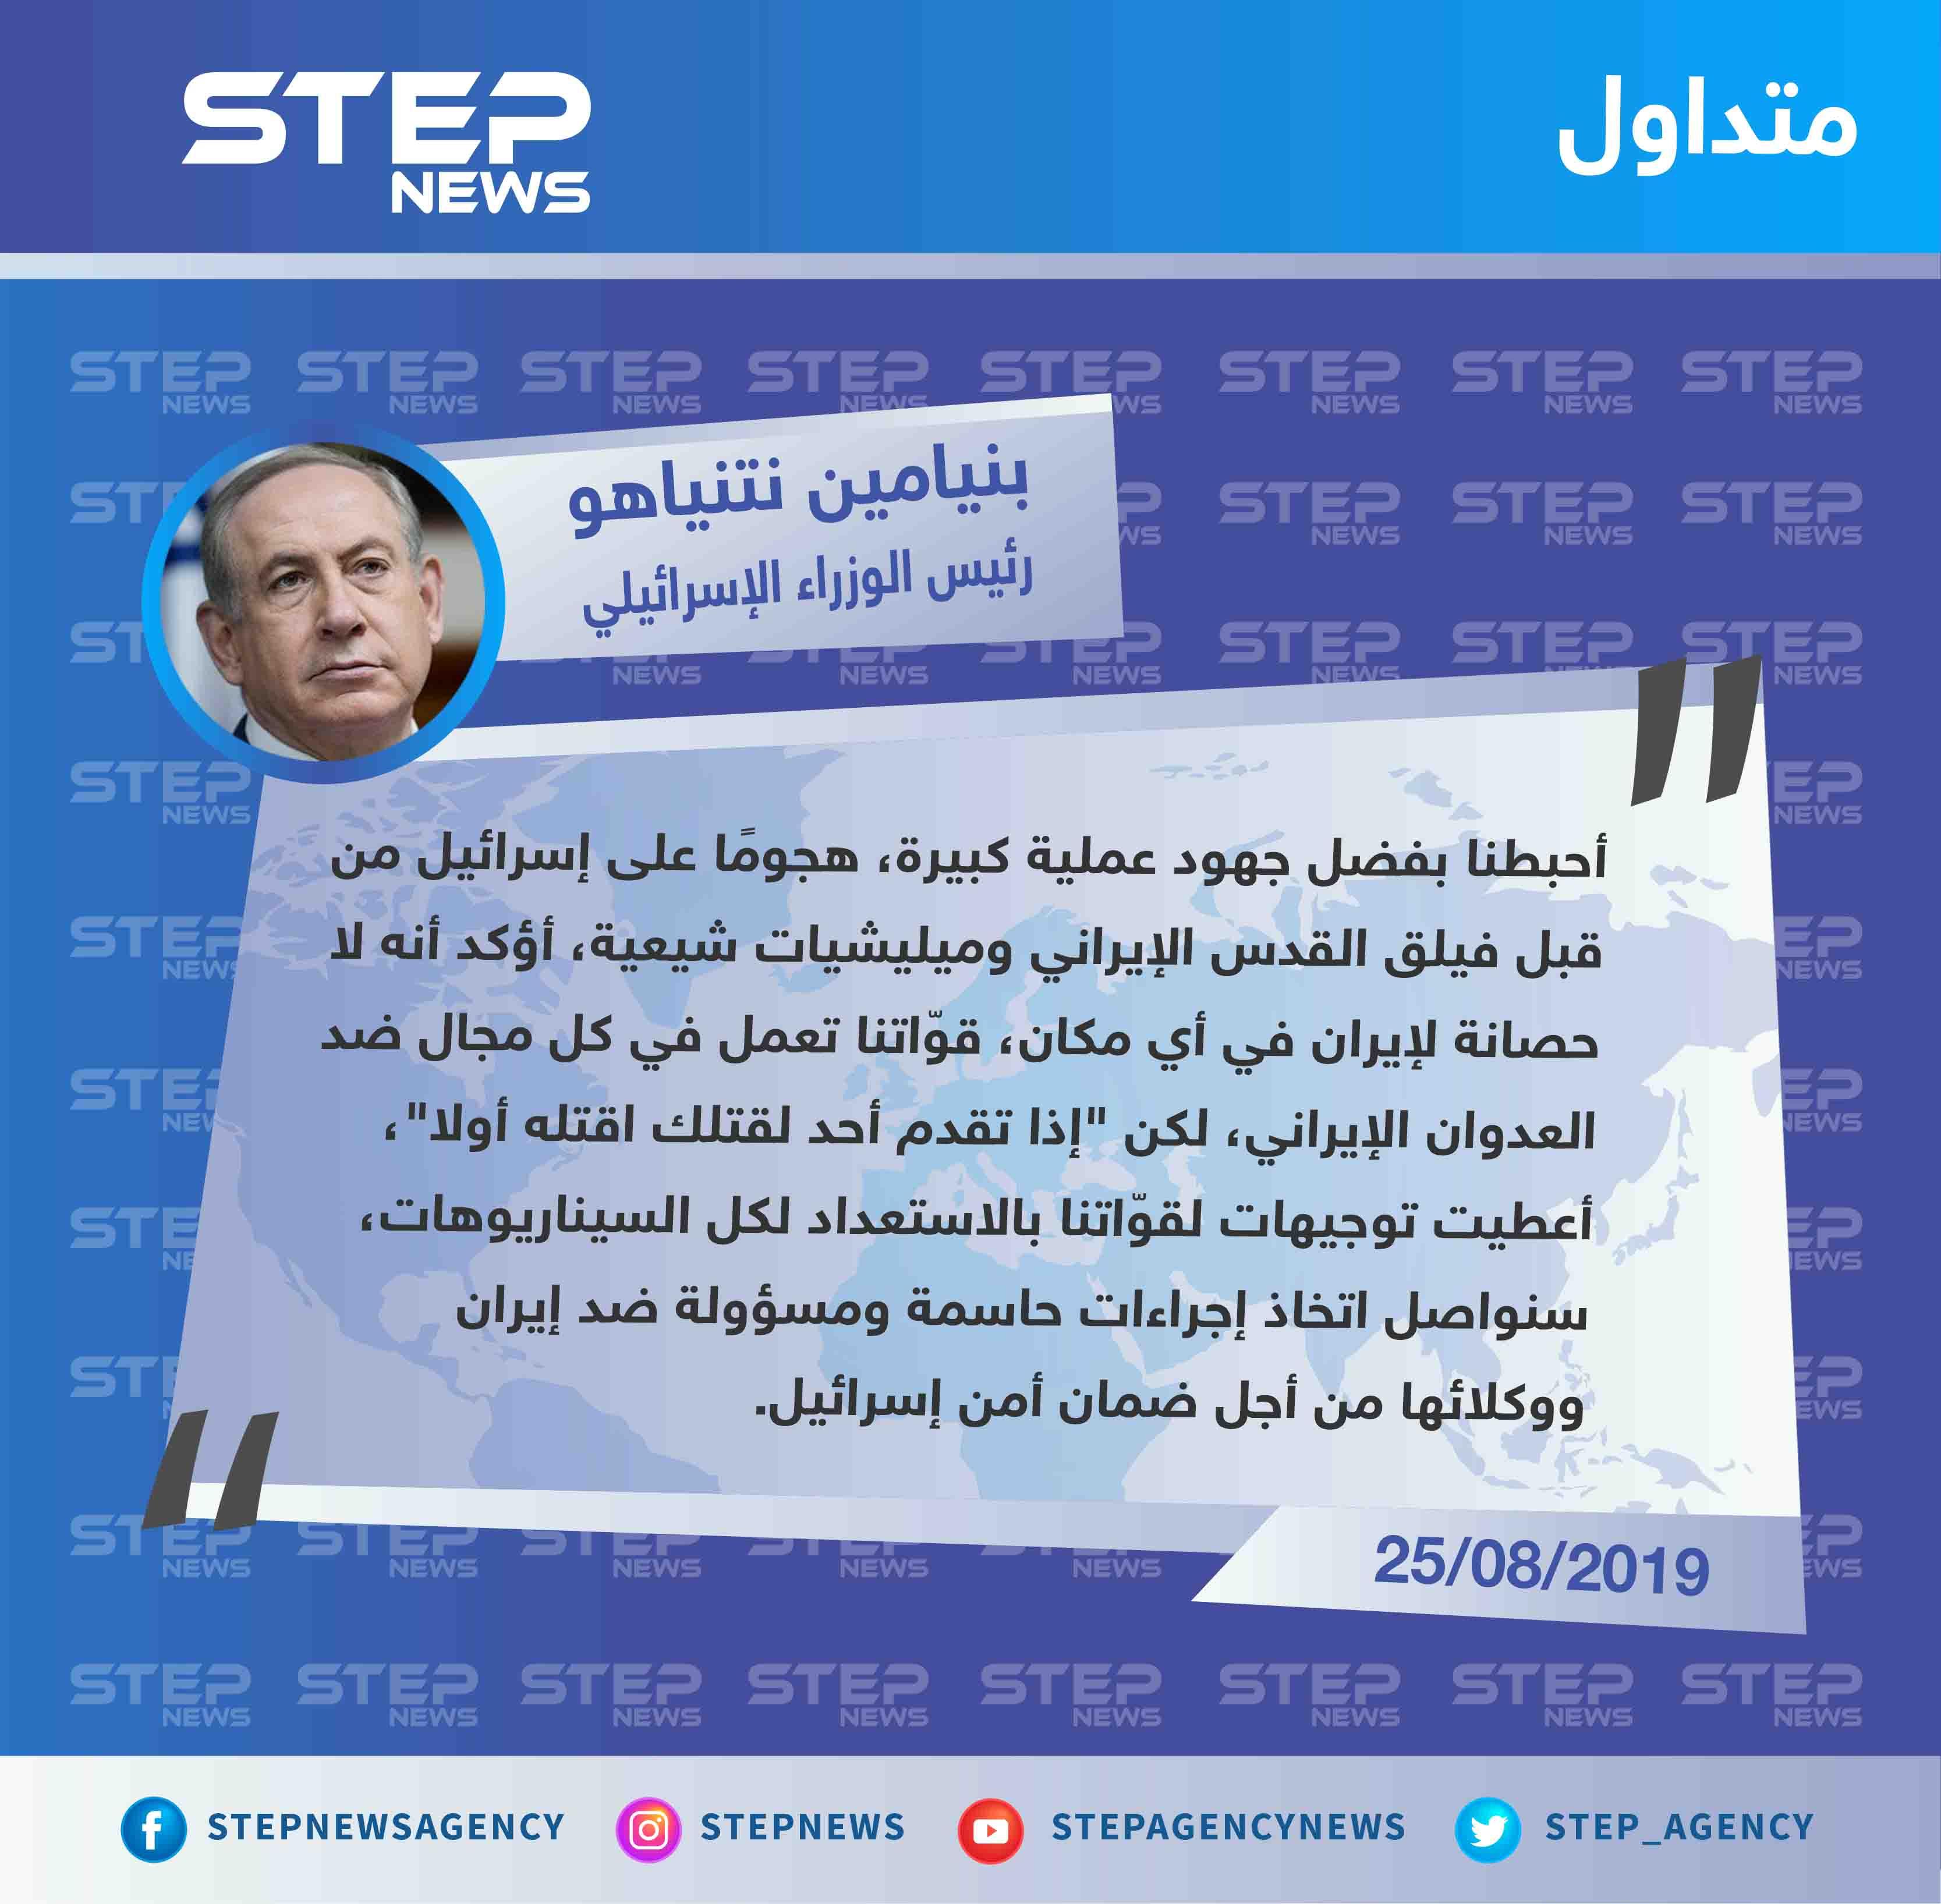 نتنياهو، يكشف عن أسباب القصف الإسرائيلي الذي استهدف قواعد ومقرات إيرانية في سوريا، أمس الجمعة